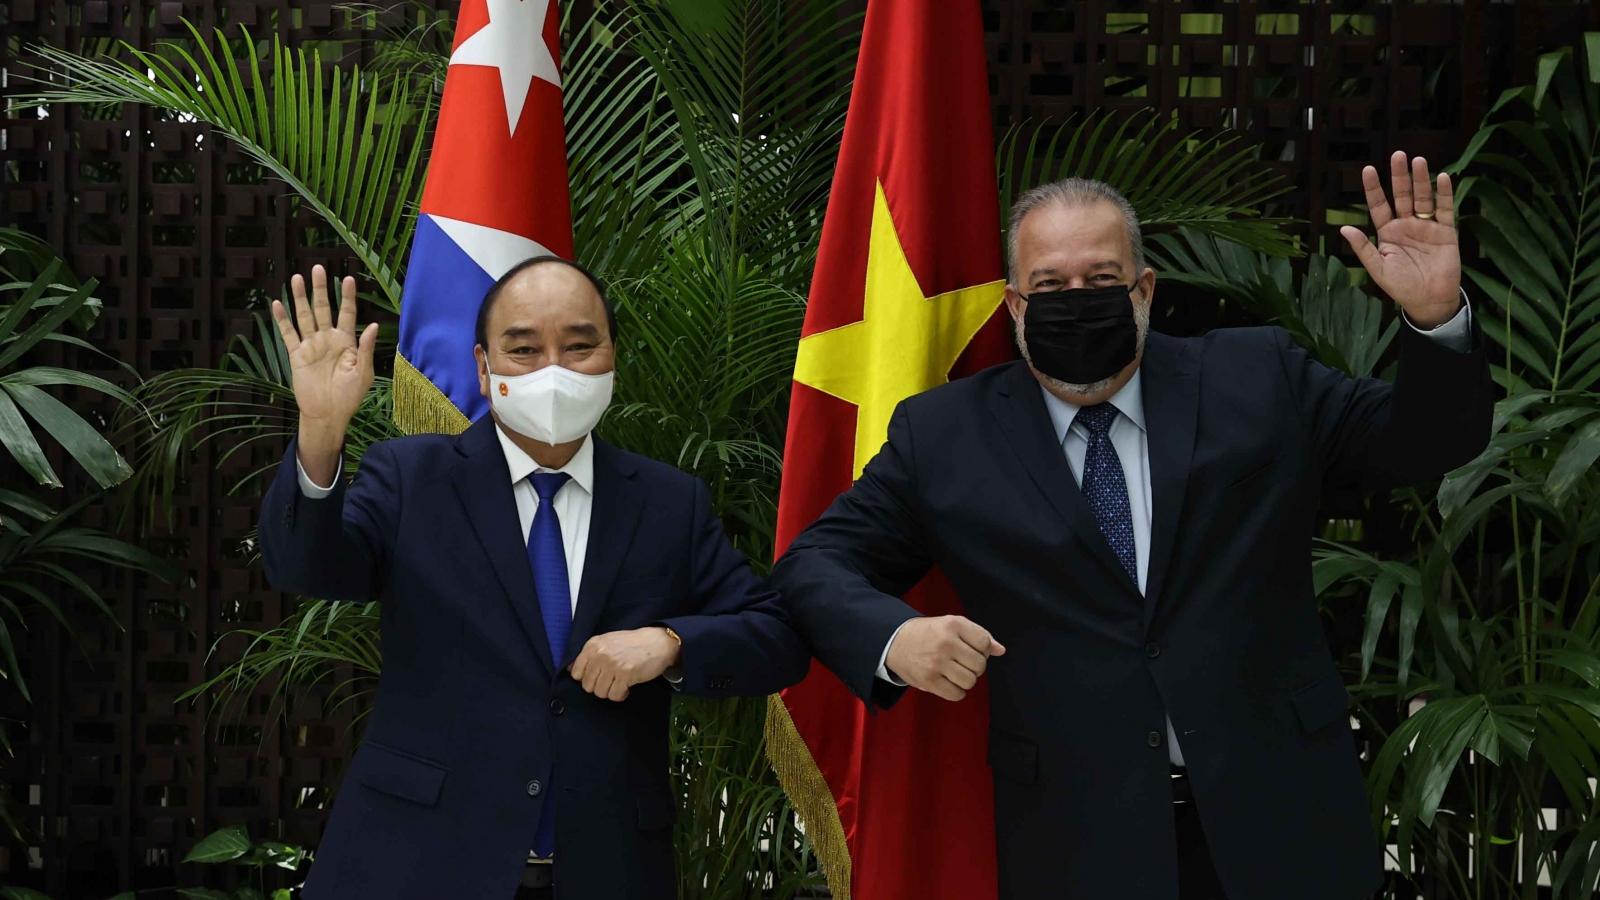 Mối quan hệ mẫu mực Việt Nam-Cuba không ngừng được củng cố và phát triển toàn diện